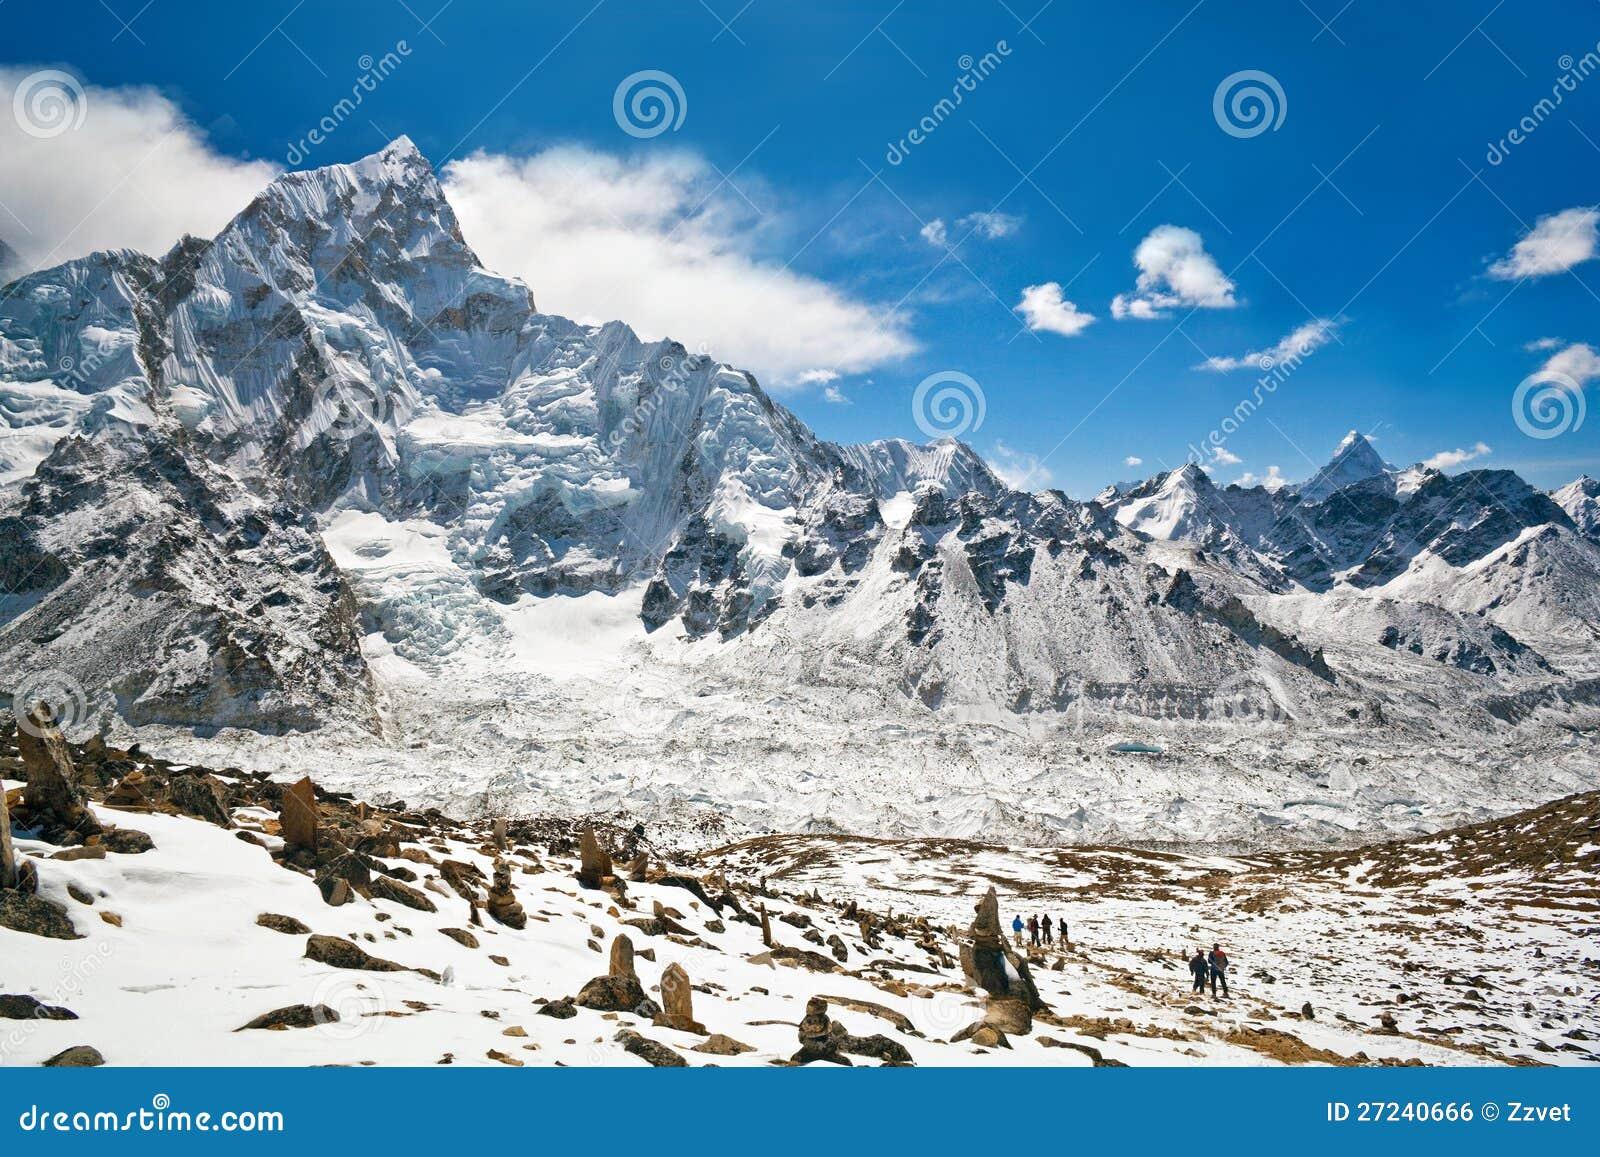 Everest Region (Nepal) Nepal  city images : Mountain Landscape In Everest Region, Nepal Royalty Free Stock Image ...